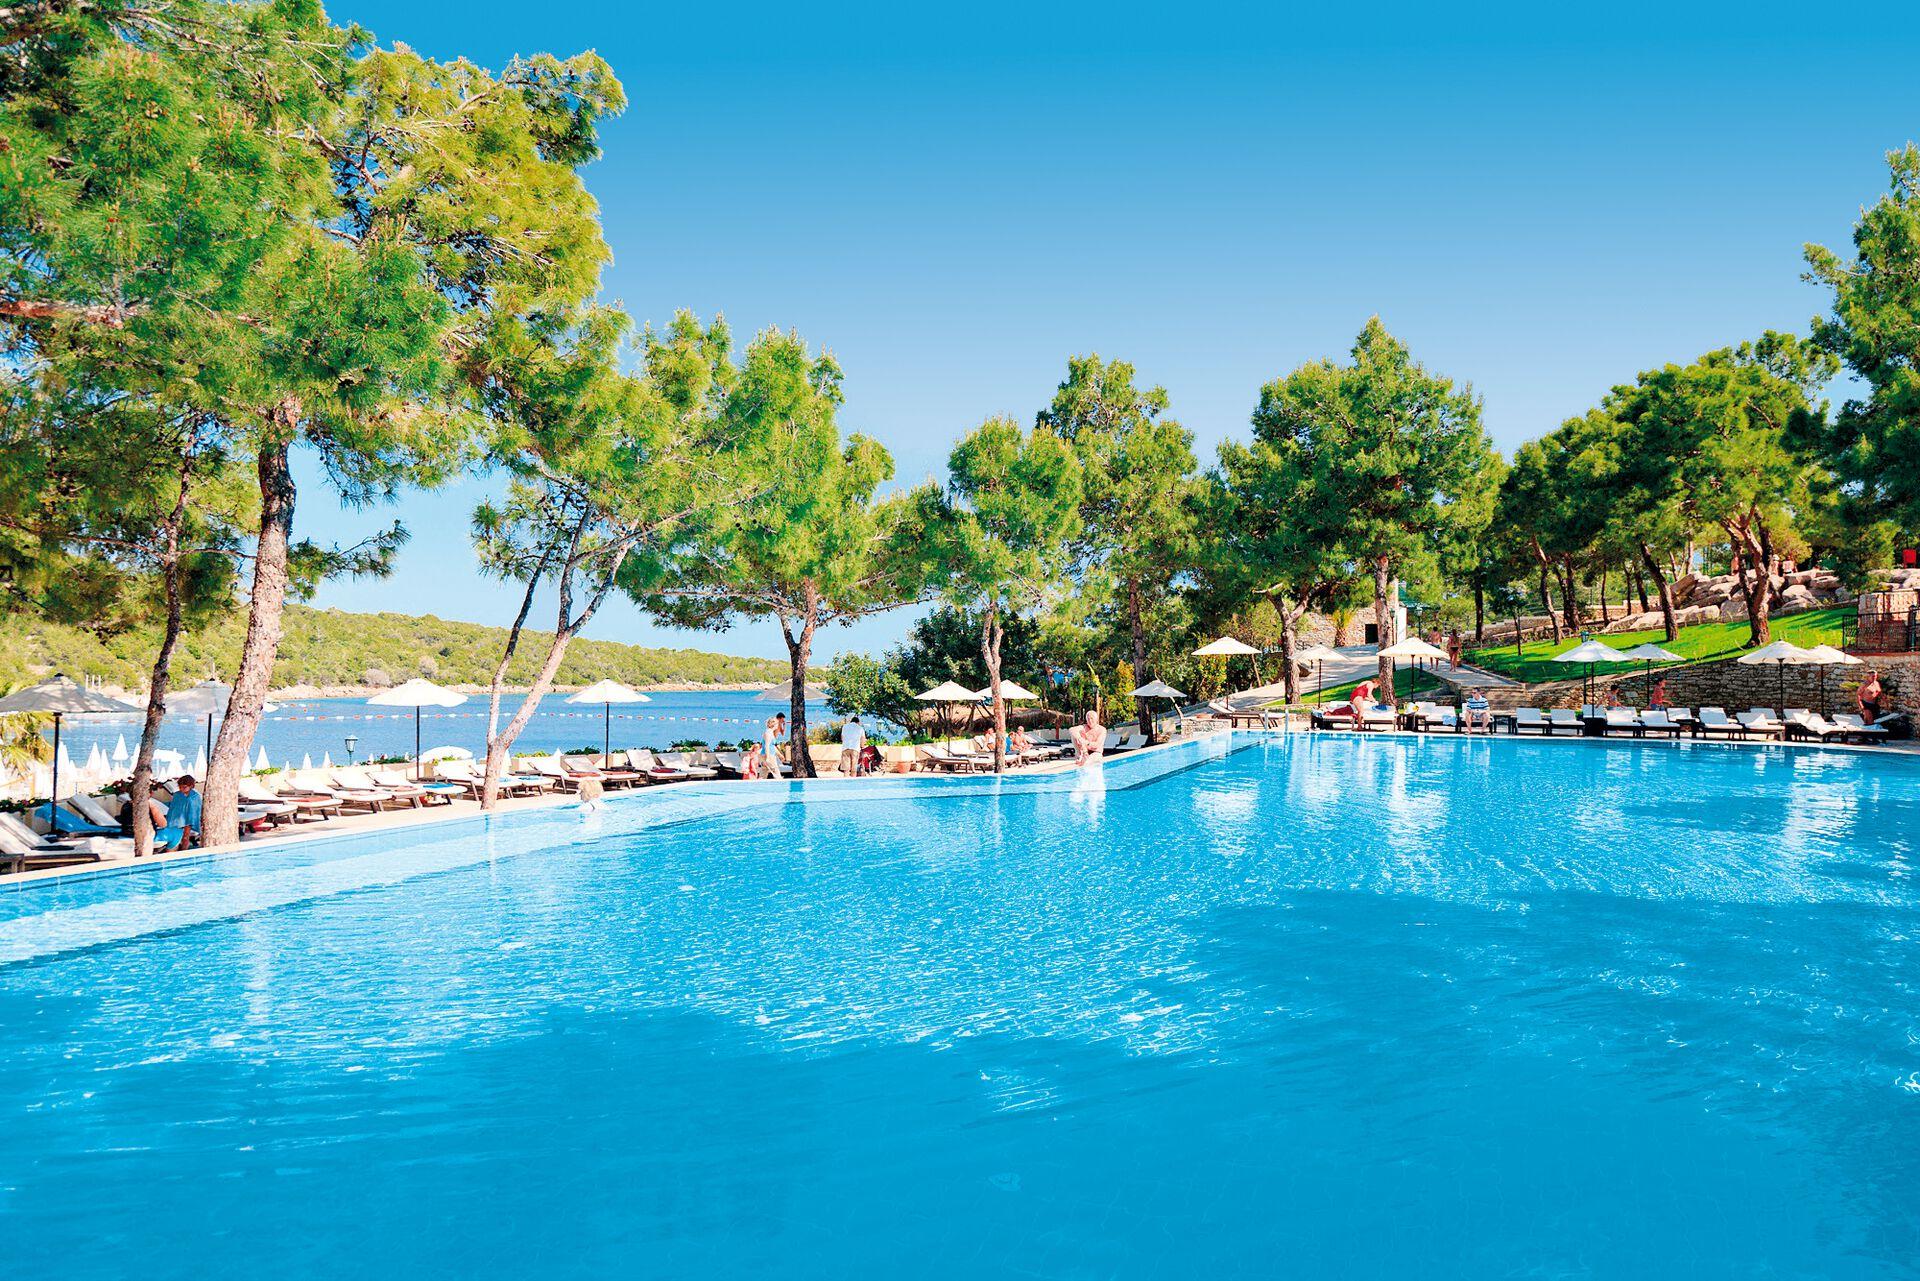 Le Club FTI Privilège Bodrum Park Resort (avec chauffeur privé) - 5*